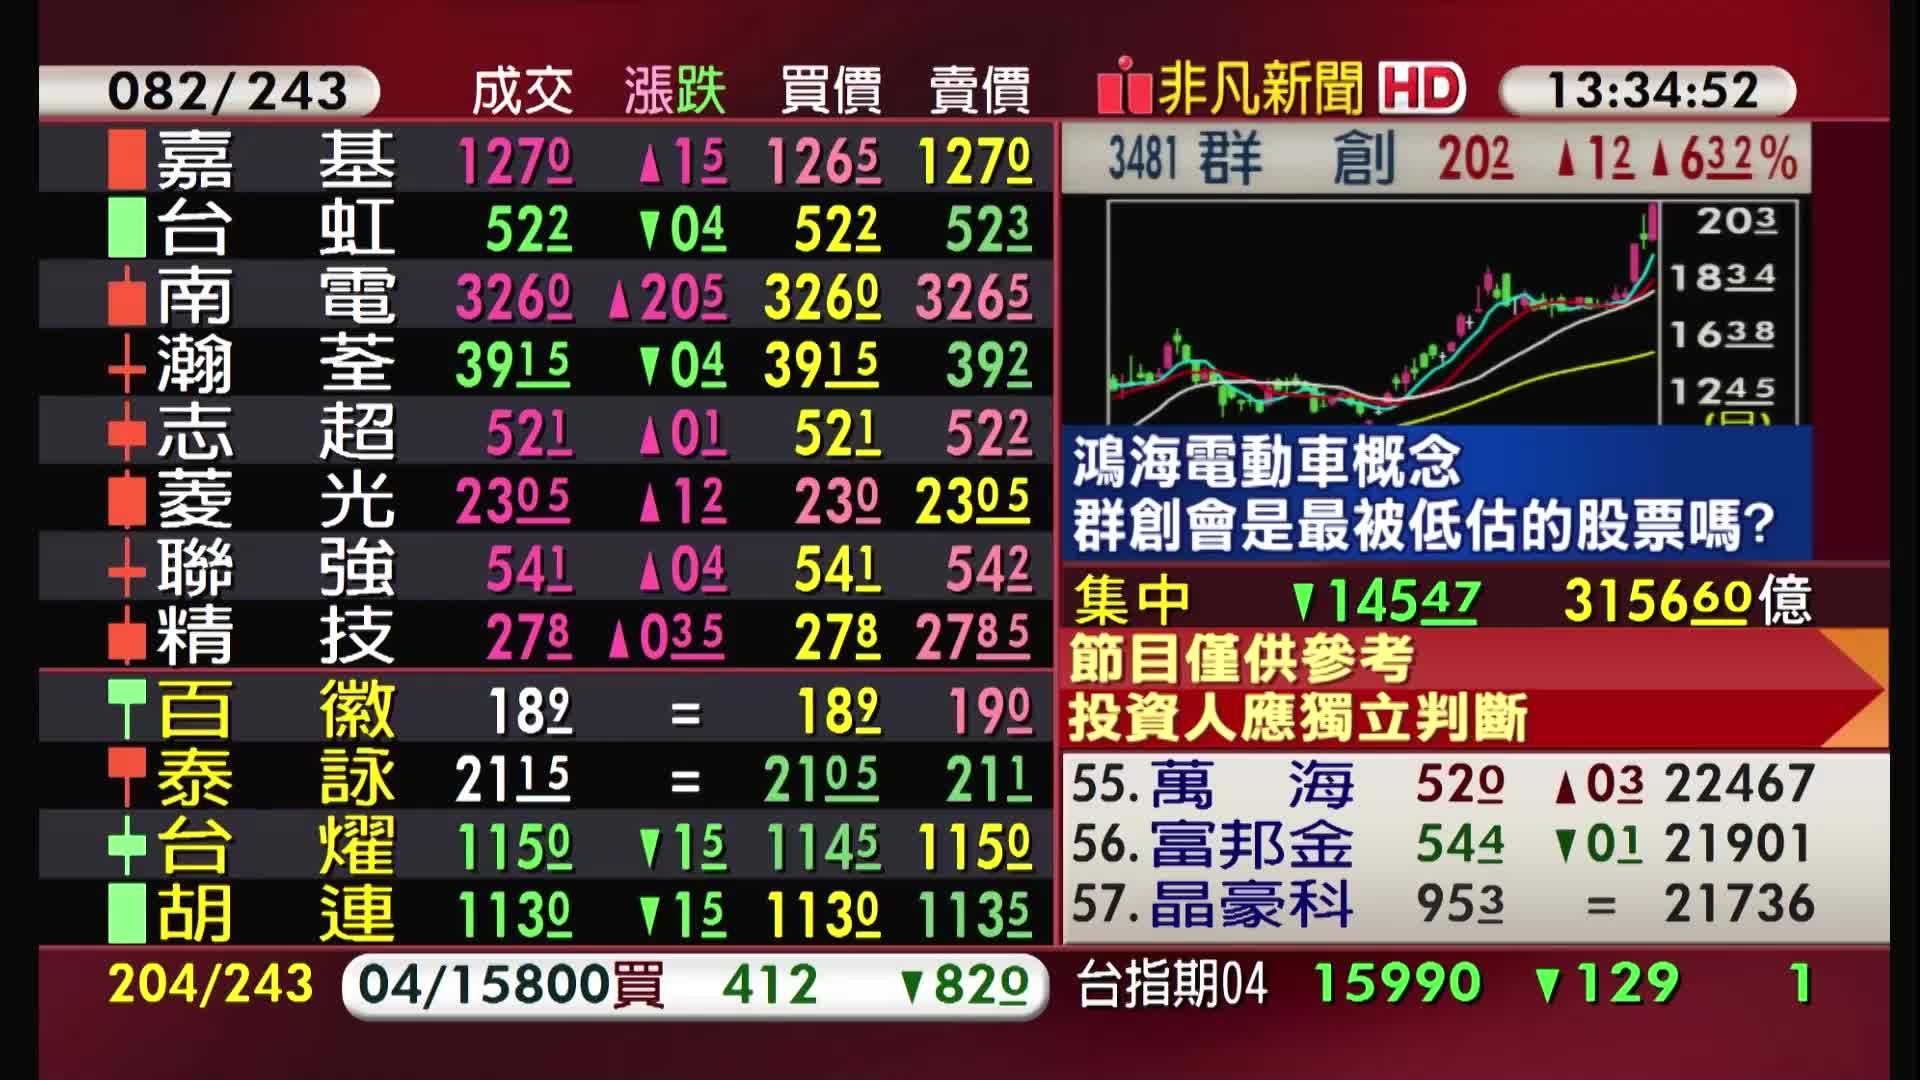 5分鐘看台股/2021/03/24收盤最前線